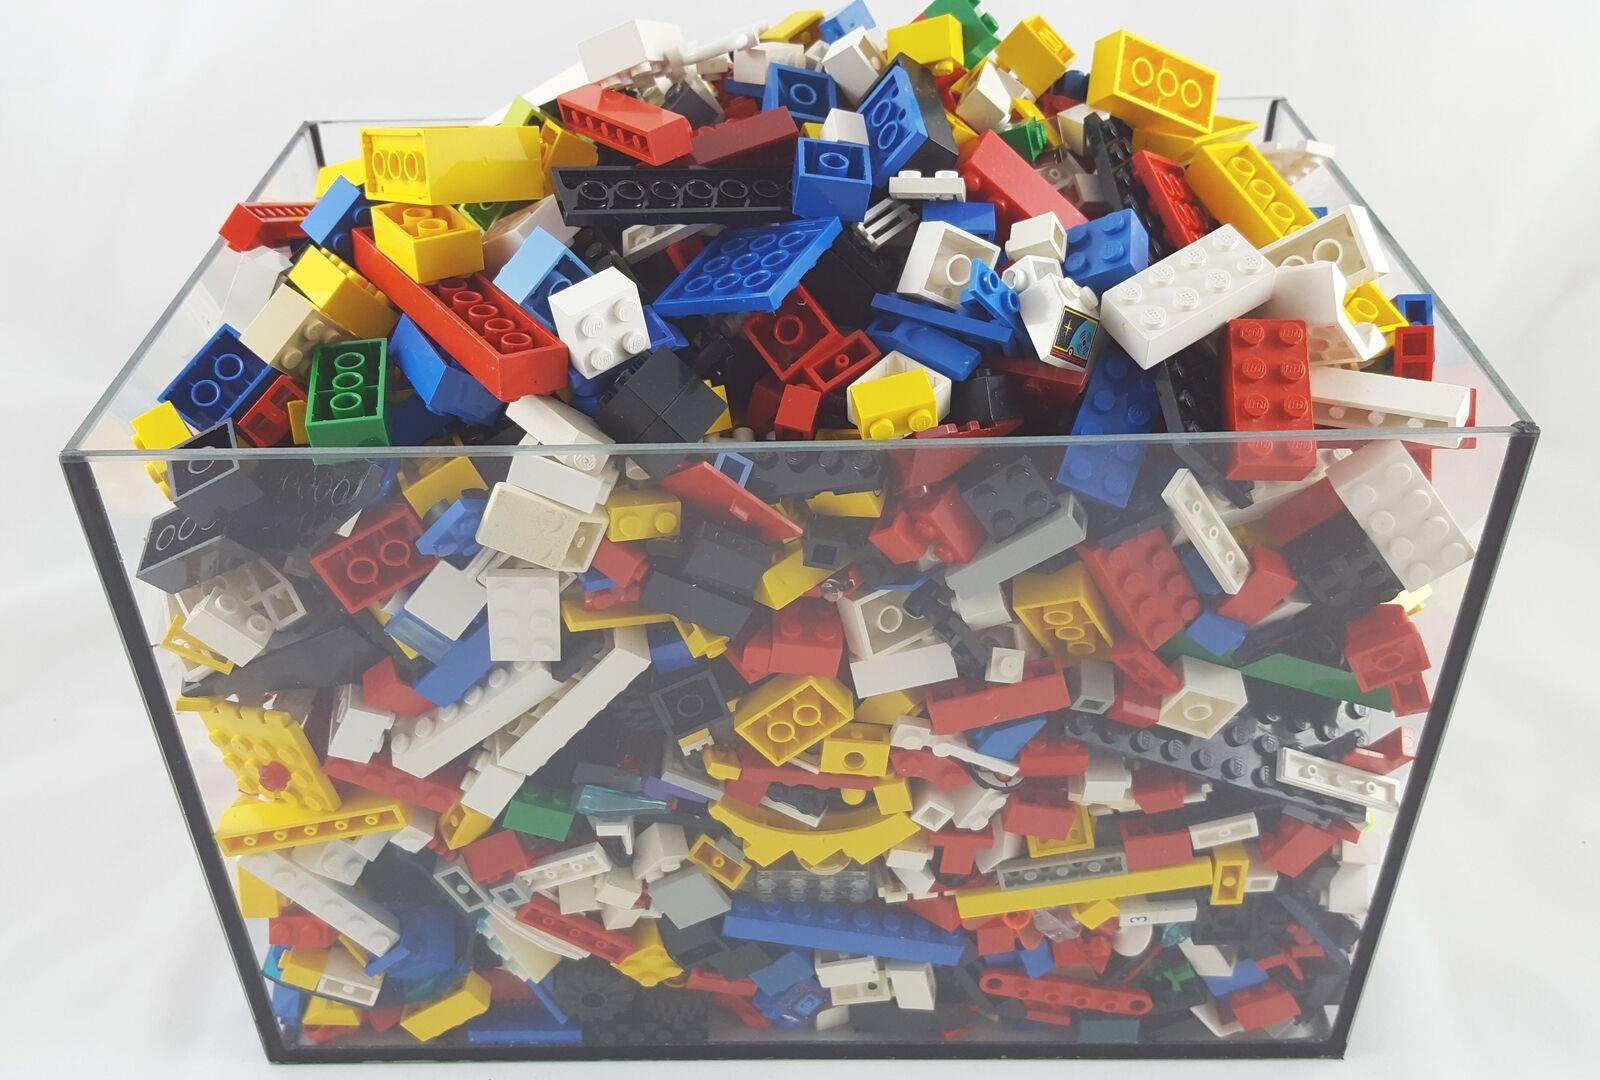 3 kg lego ® piedras, planchas, ruedas, Basic + tres personajes-aprox. 2100 bloques de creación